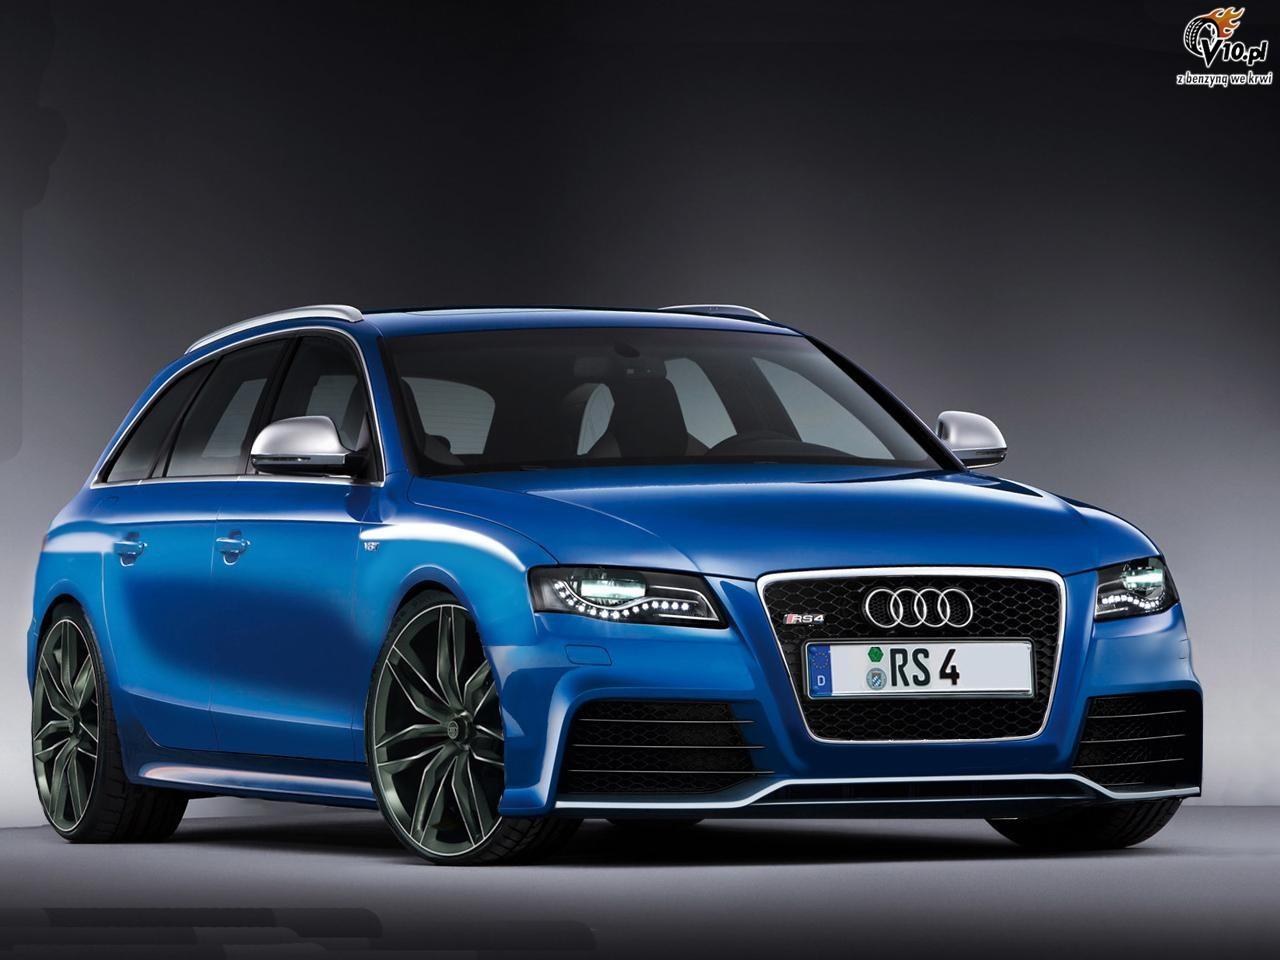 Audi Rs4 Render